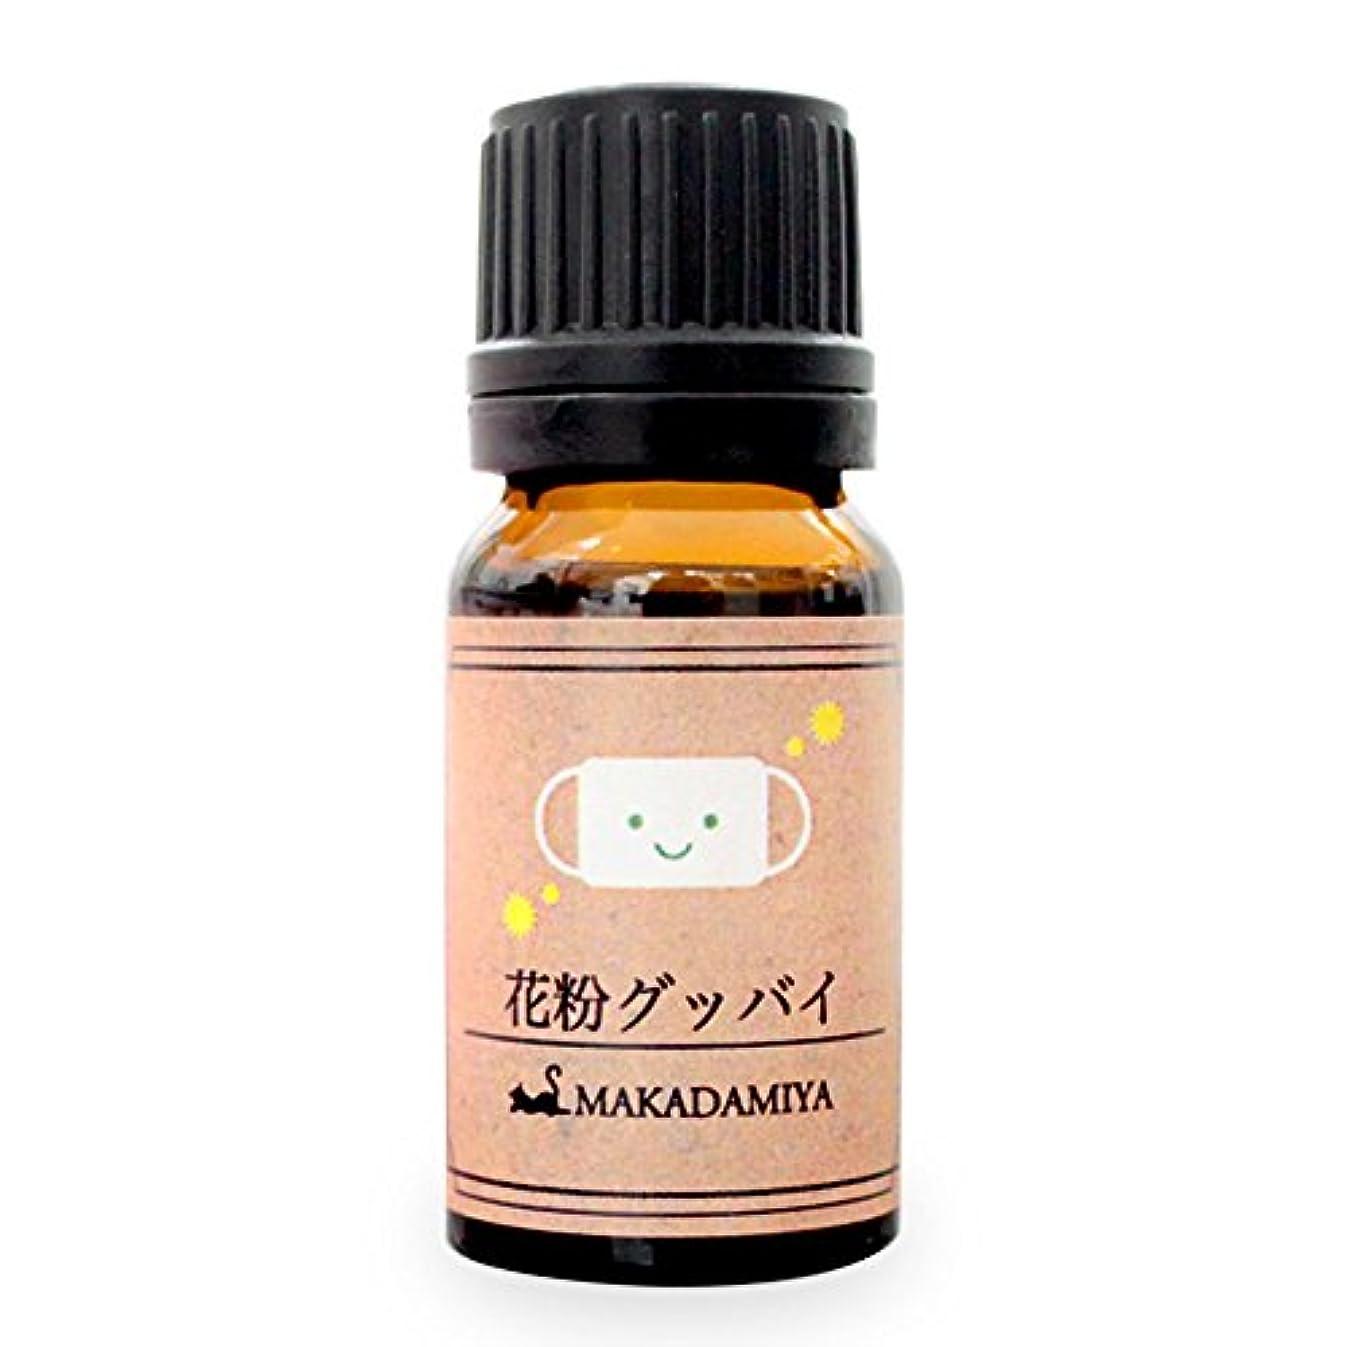 中央注文洞察力のある花粉グッバイ10ml (天然100%植物性/アロマオイル:ティートゥリー?ペパーミント?ユーカリ?ラベンダー?マートル配合)